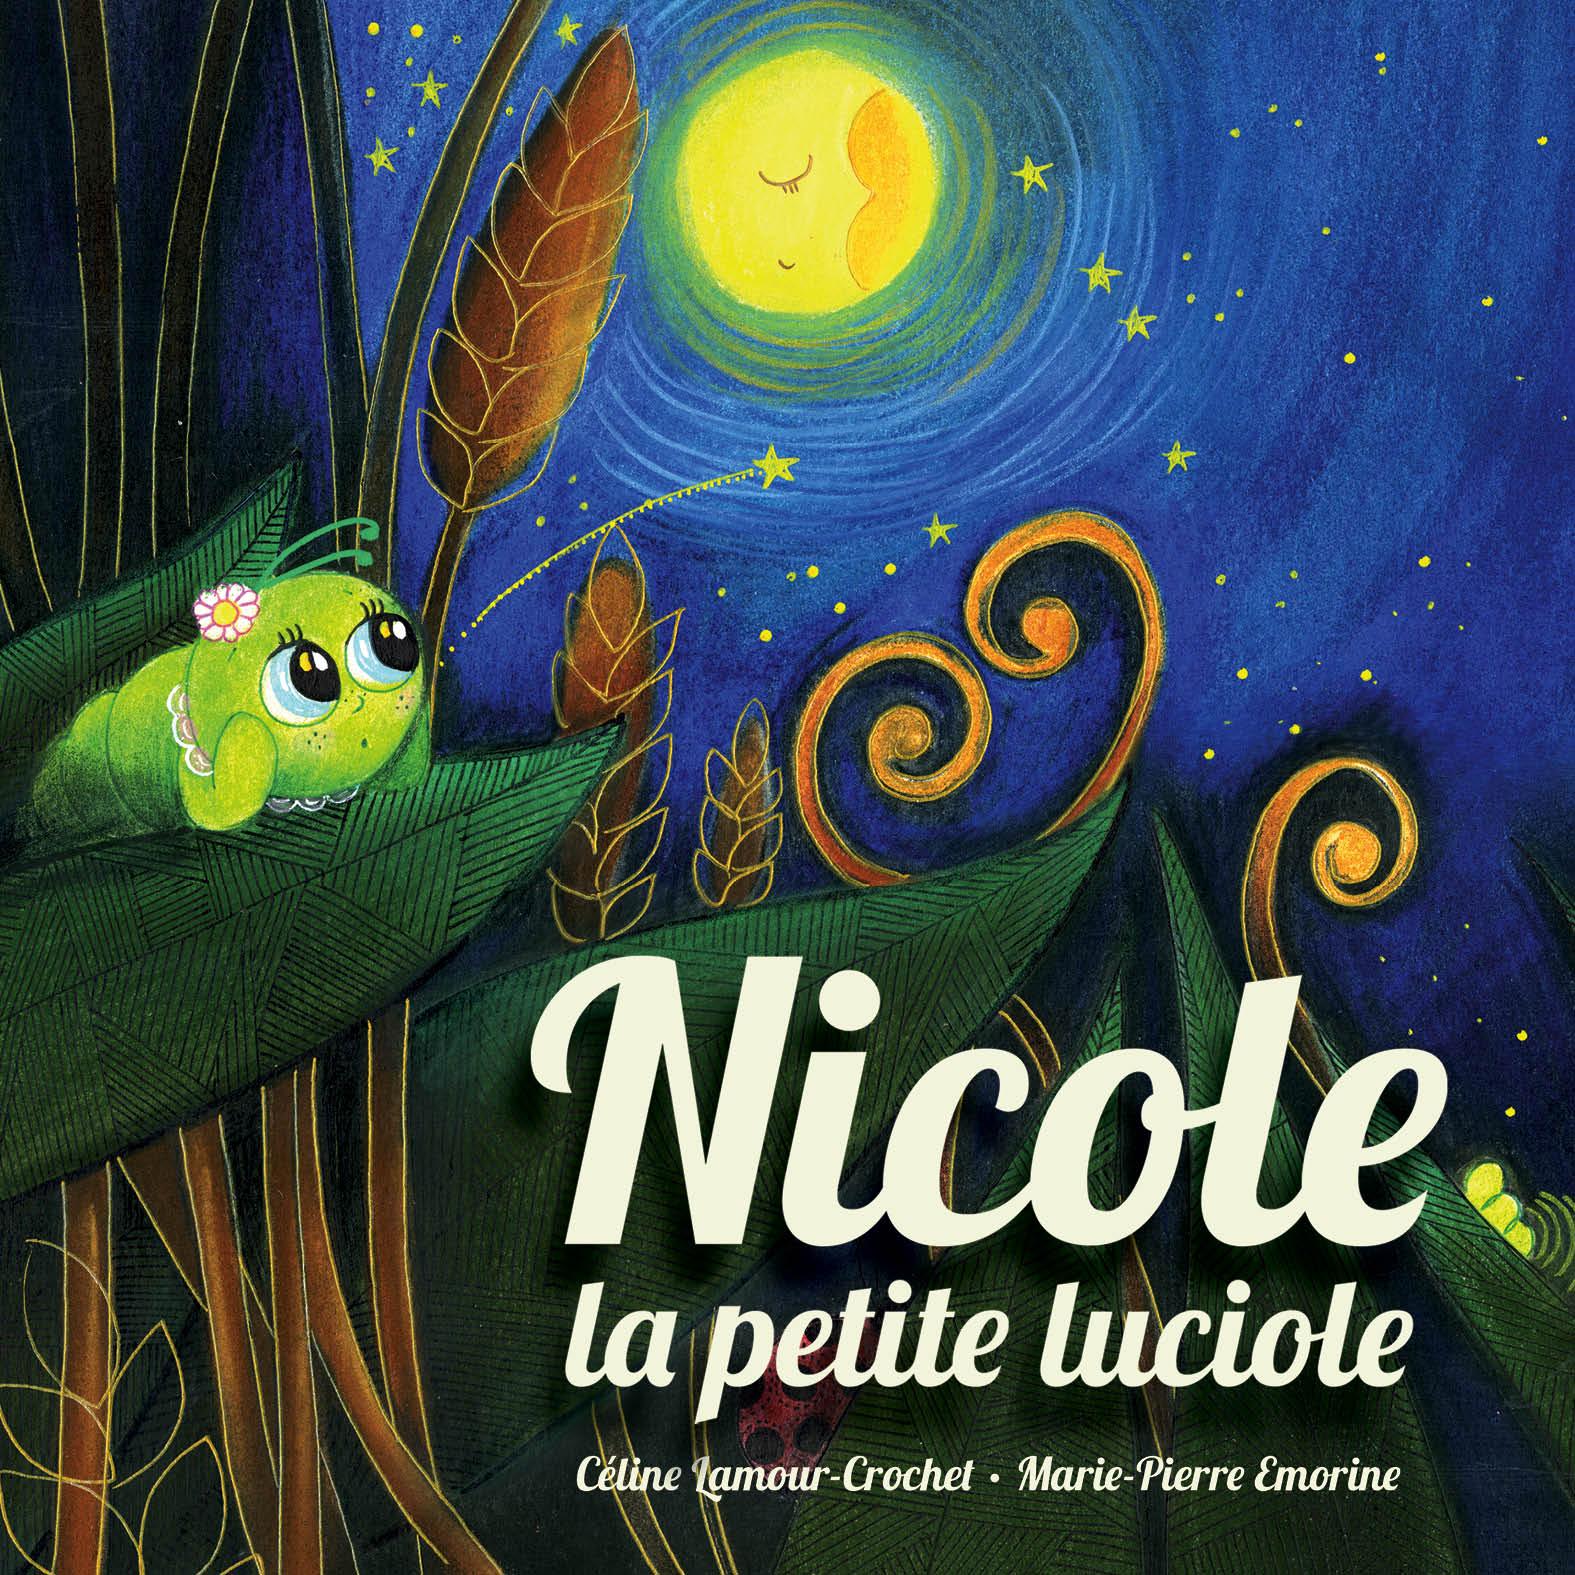 NICOLE LA PETITE LUCIOLE